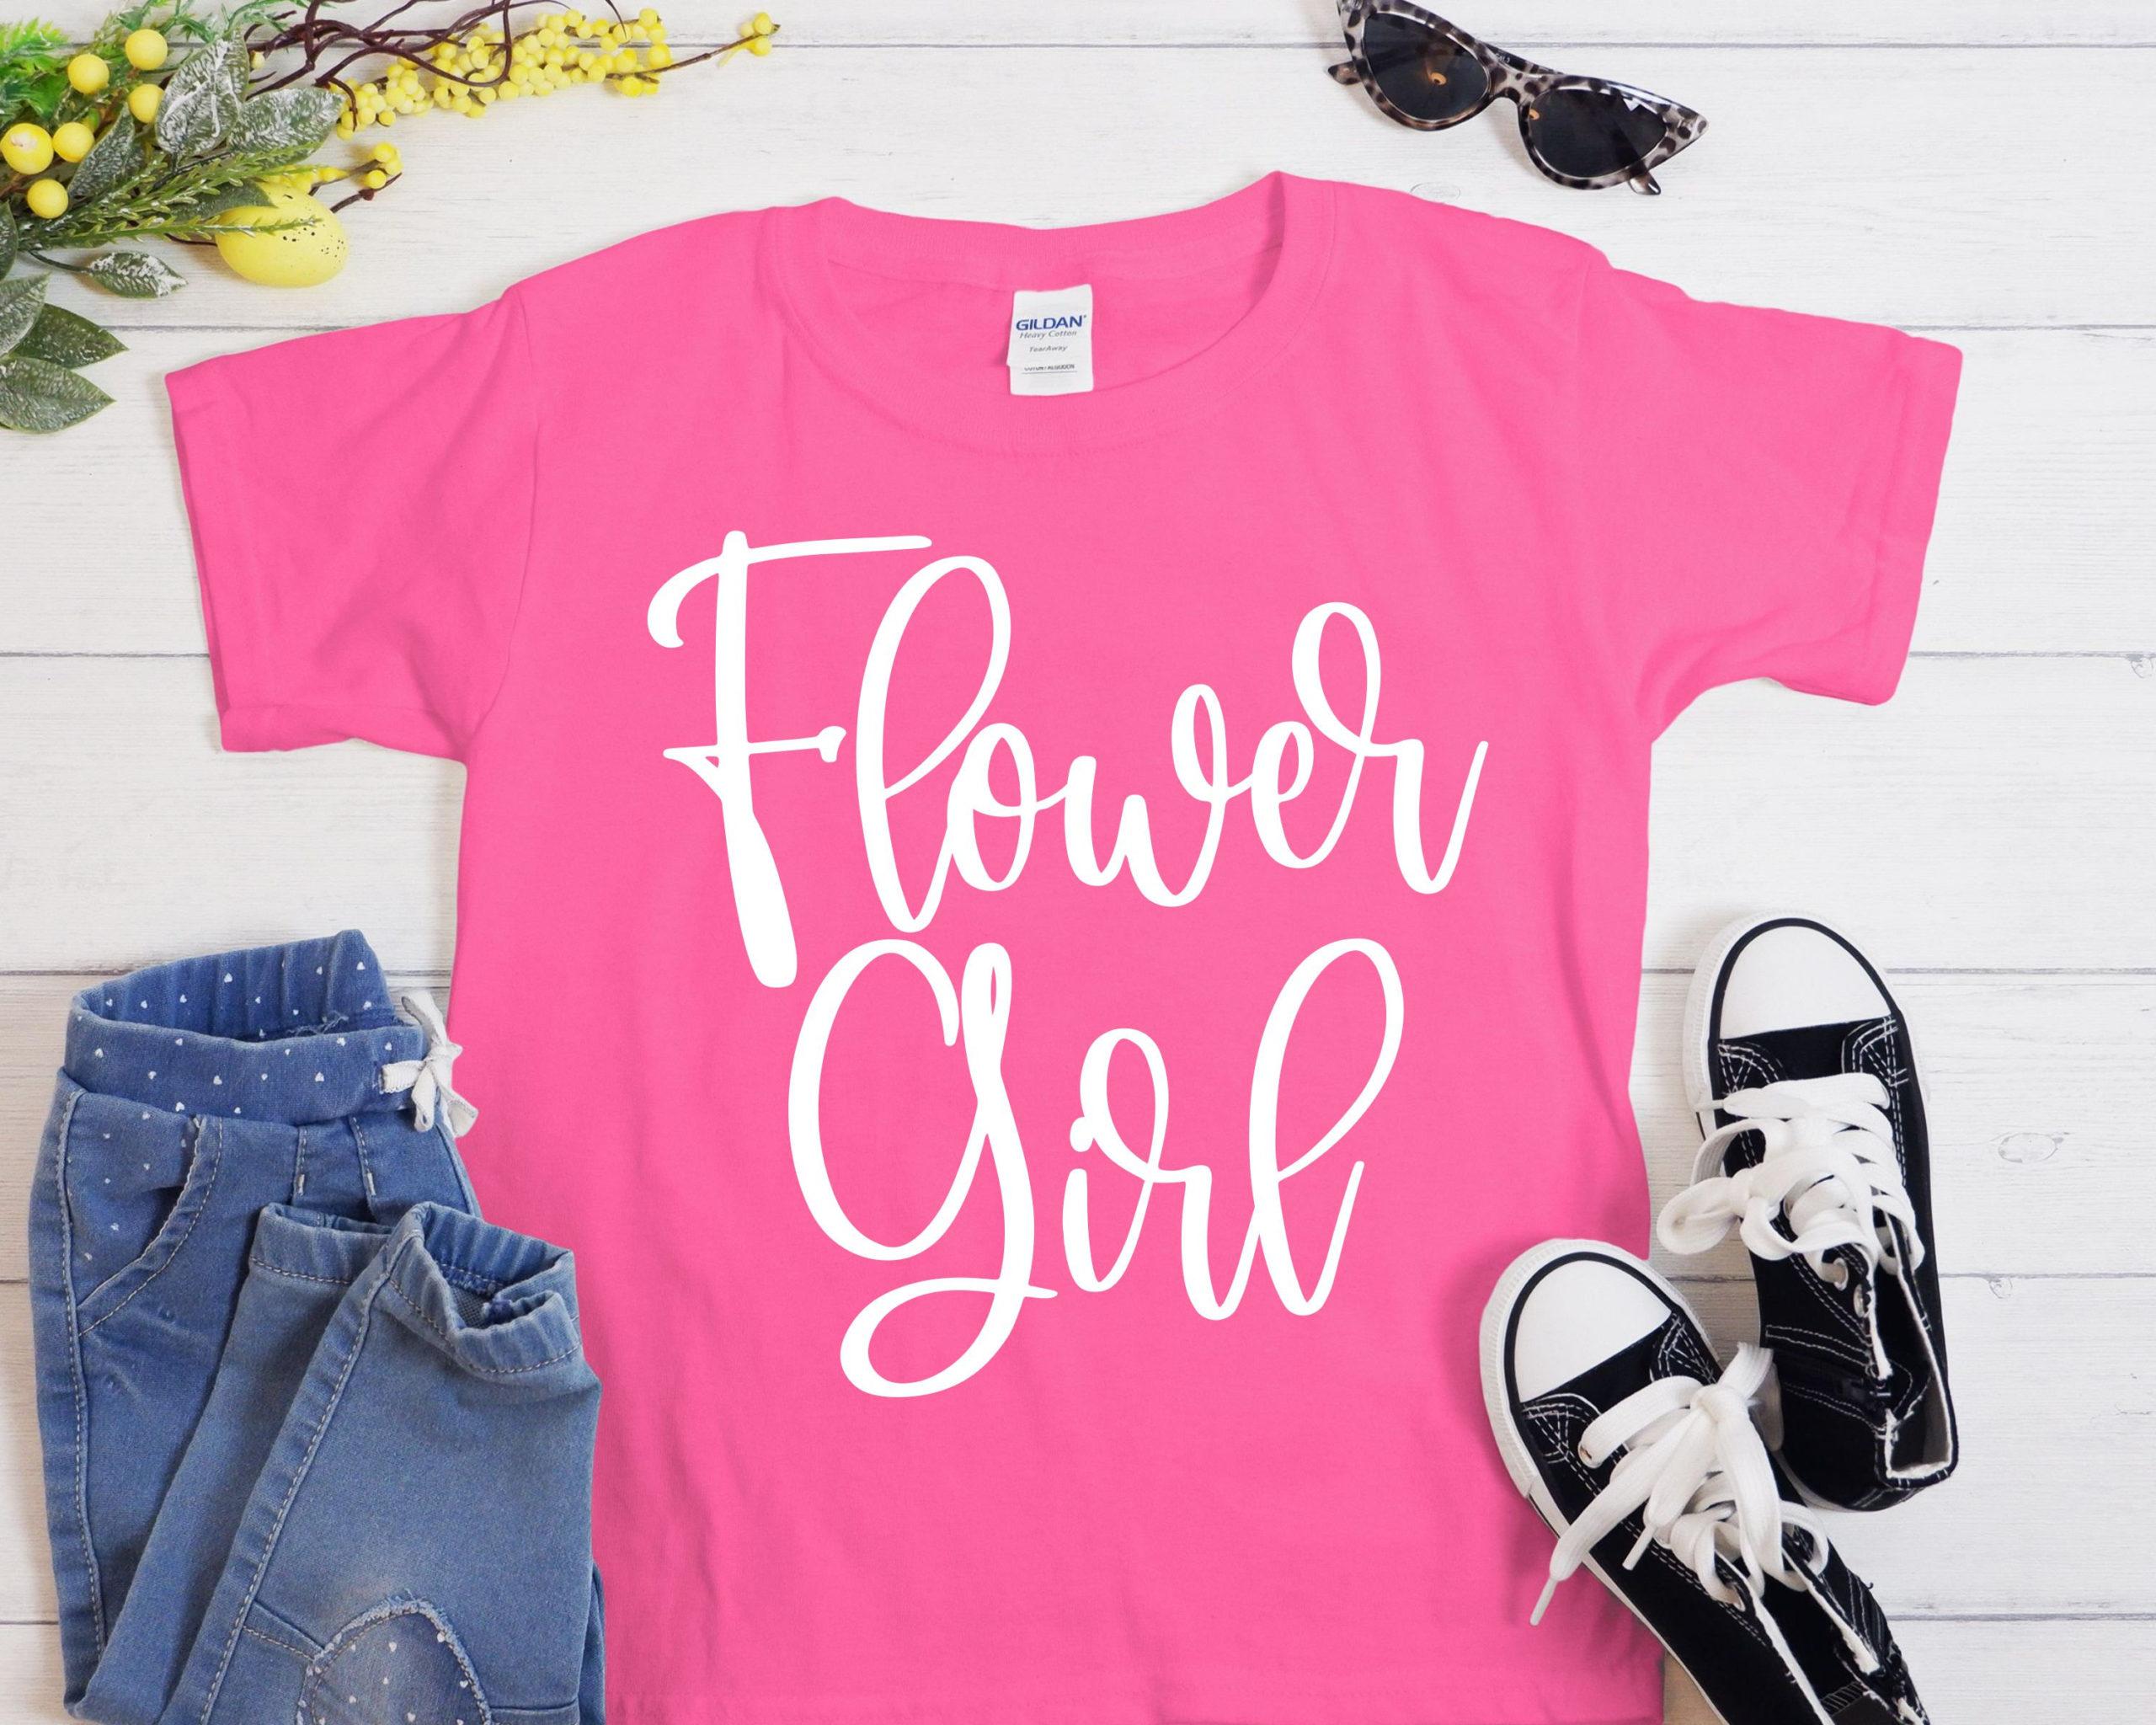 Flower-girl-svg-squad-svg-bridesmaid-svg-bridal-party-svg-bride-svg-wedding-svg-design-bachelorette-svg-design-bridesmaid-cricut-svg-2-600a1497